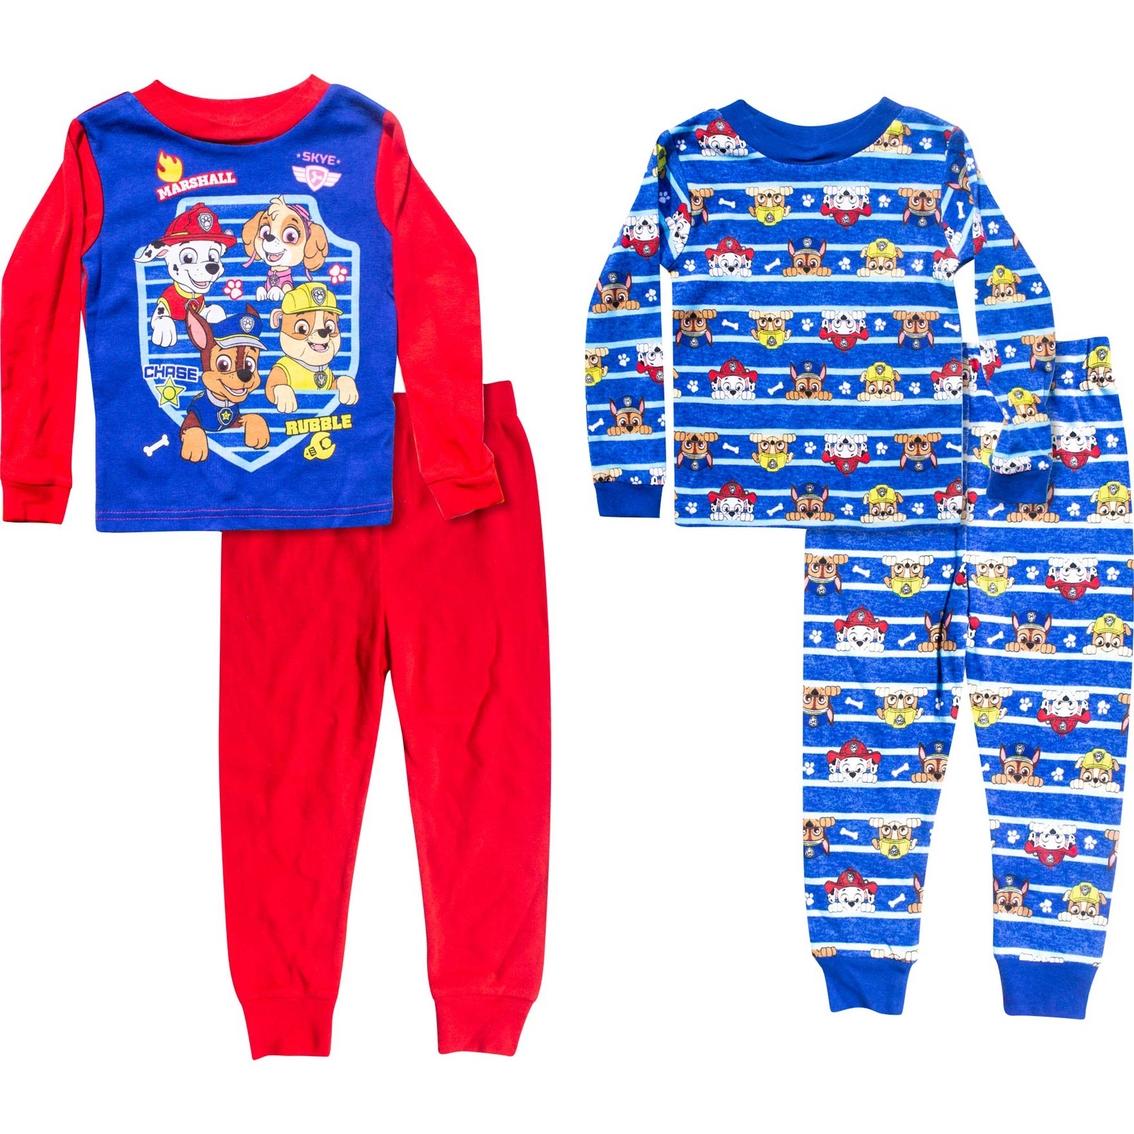 5c77c5f4c Nickelodeon Toddler Boys Paw Patrol 4 Pc. Pajamas Set | Toddler Boys ...